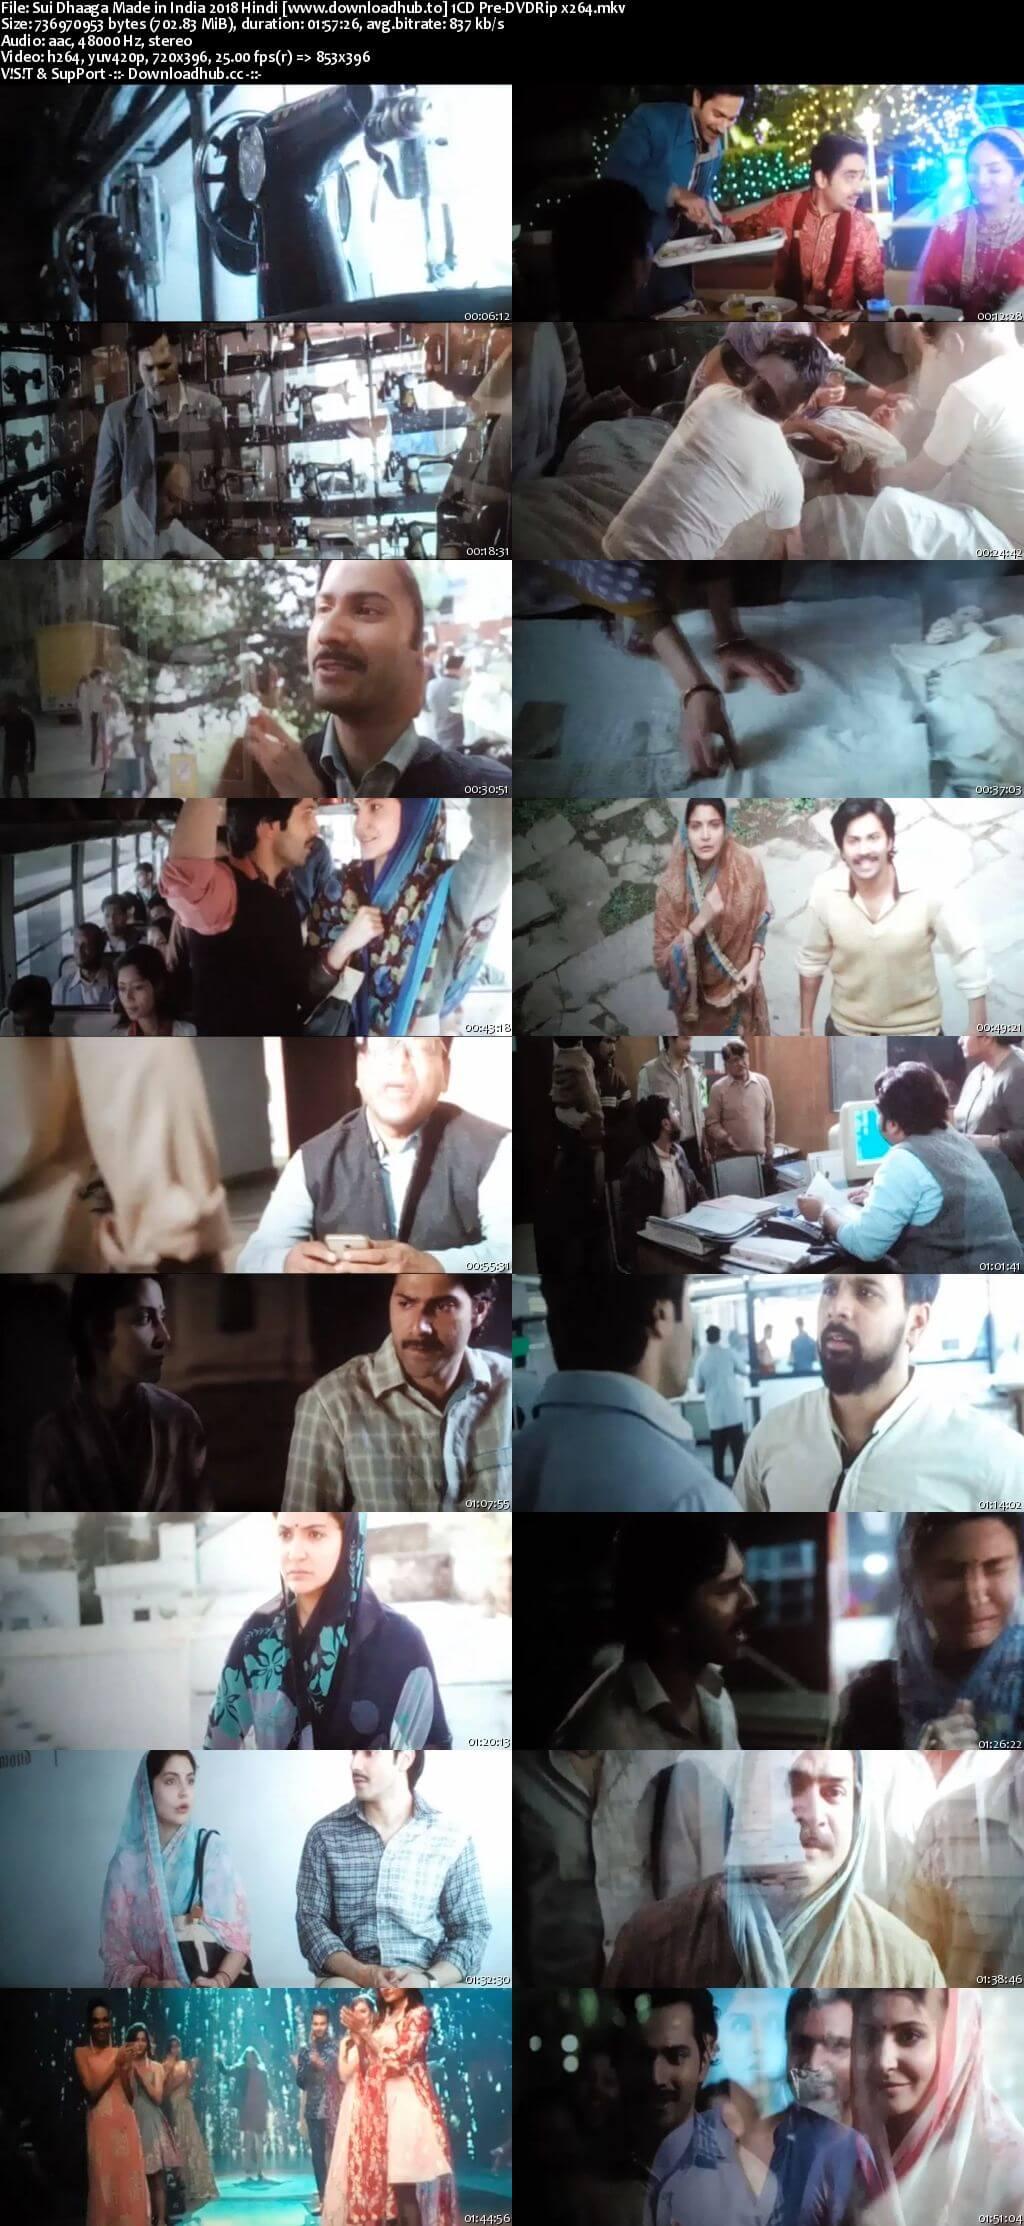 Sui Dhaaga Made in India 2018 Hindi 700MB Pre-DVDRip x264